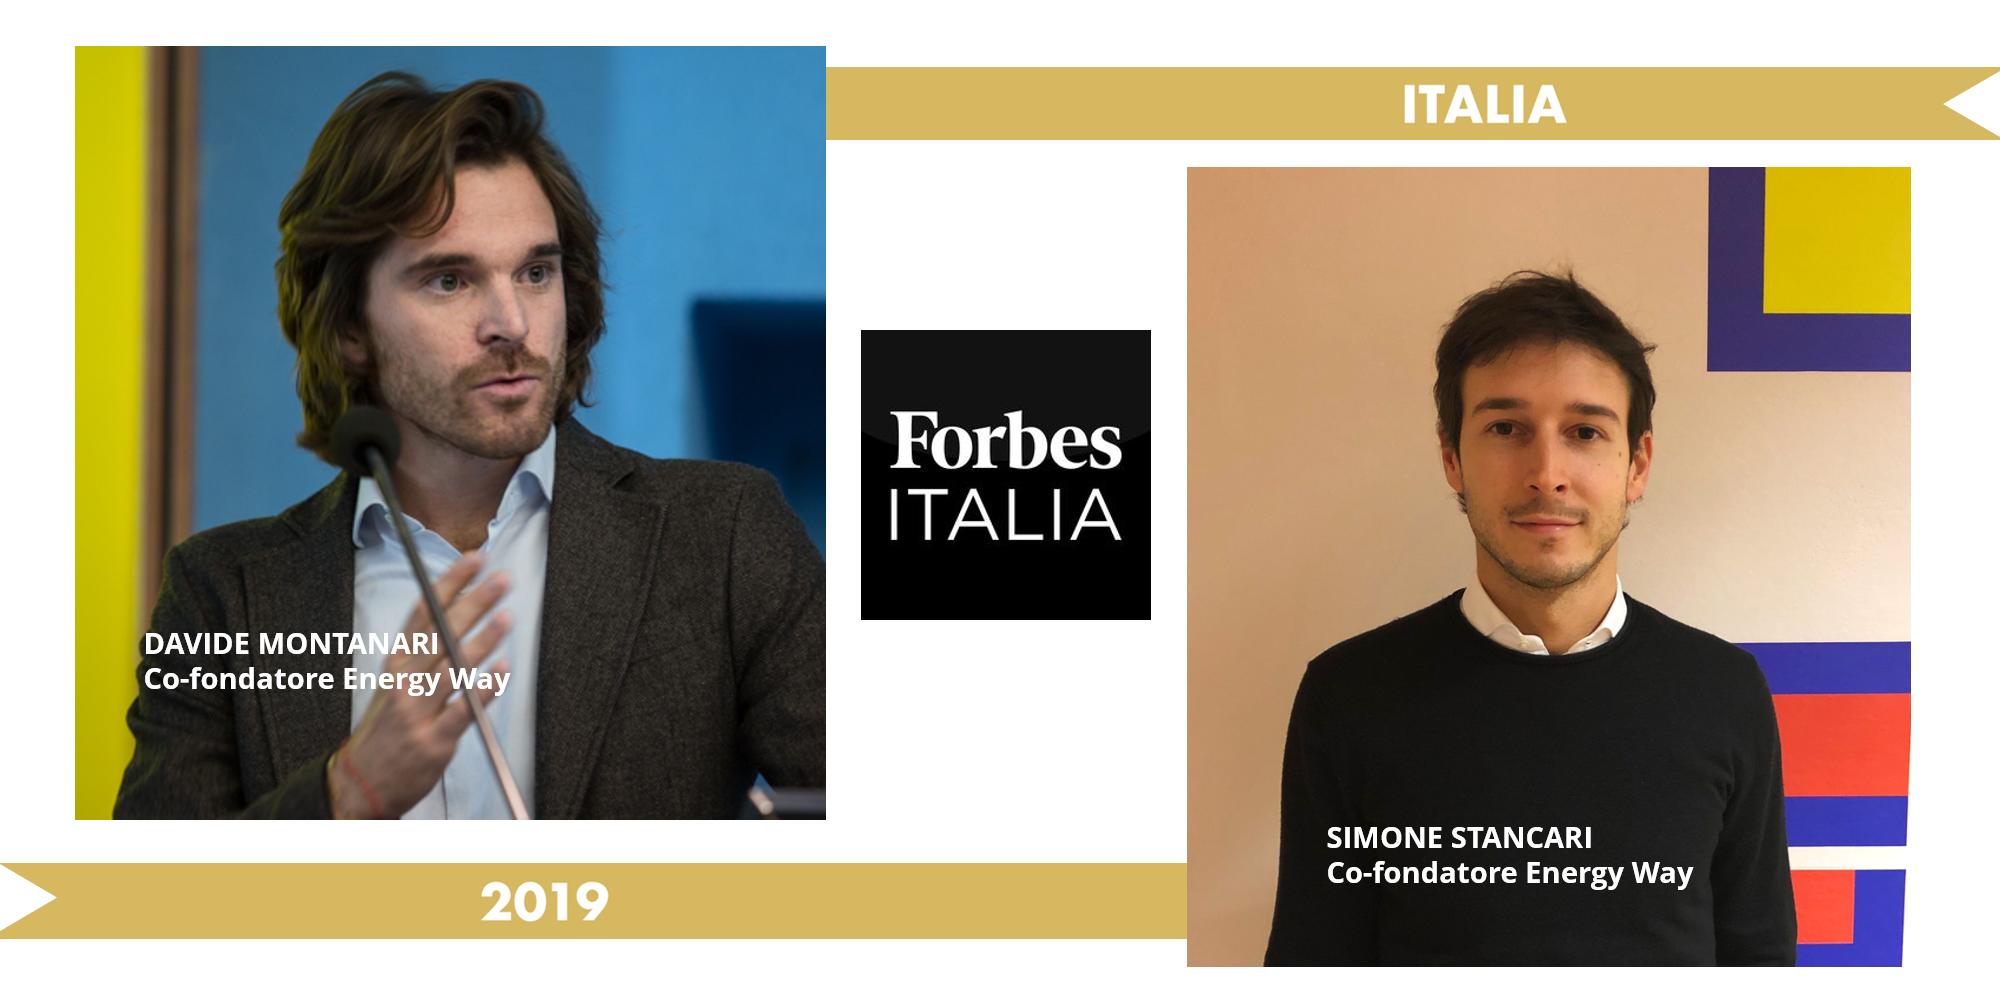 Energy Way scala il ranking di Forbes con 3 partner e ha il primato tra le società italiane